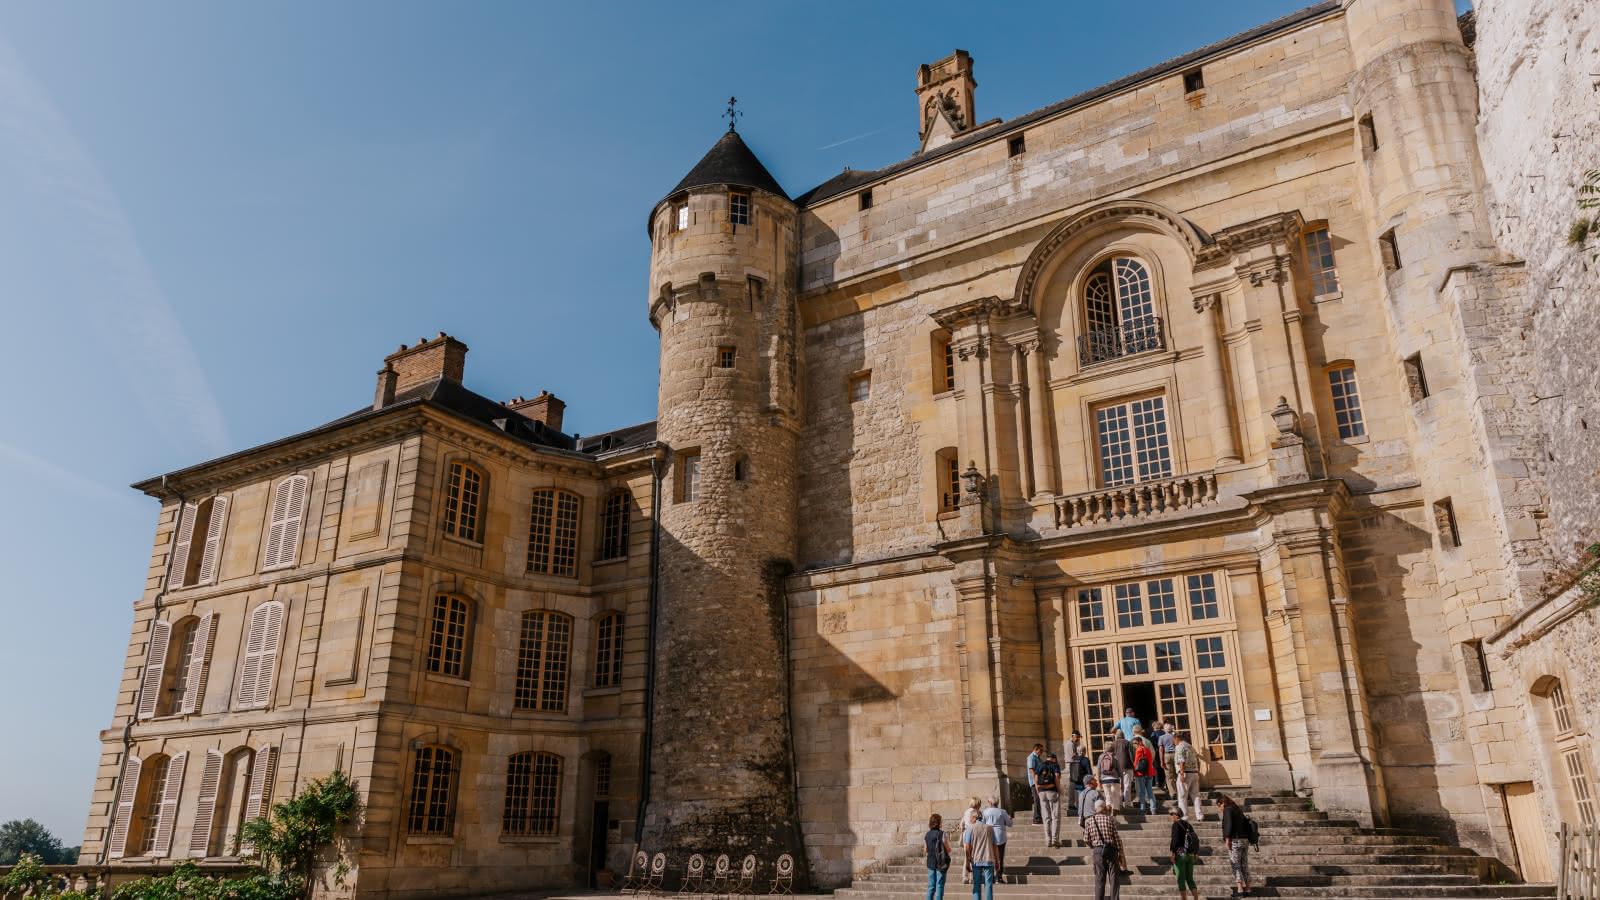 Photo prise depuis la cour d'entrée du château de la Roche-Guyon dans le Val d'Oise